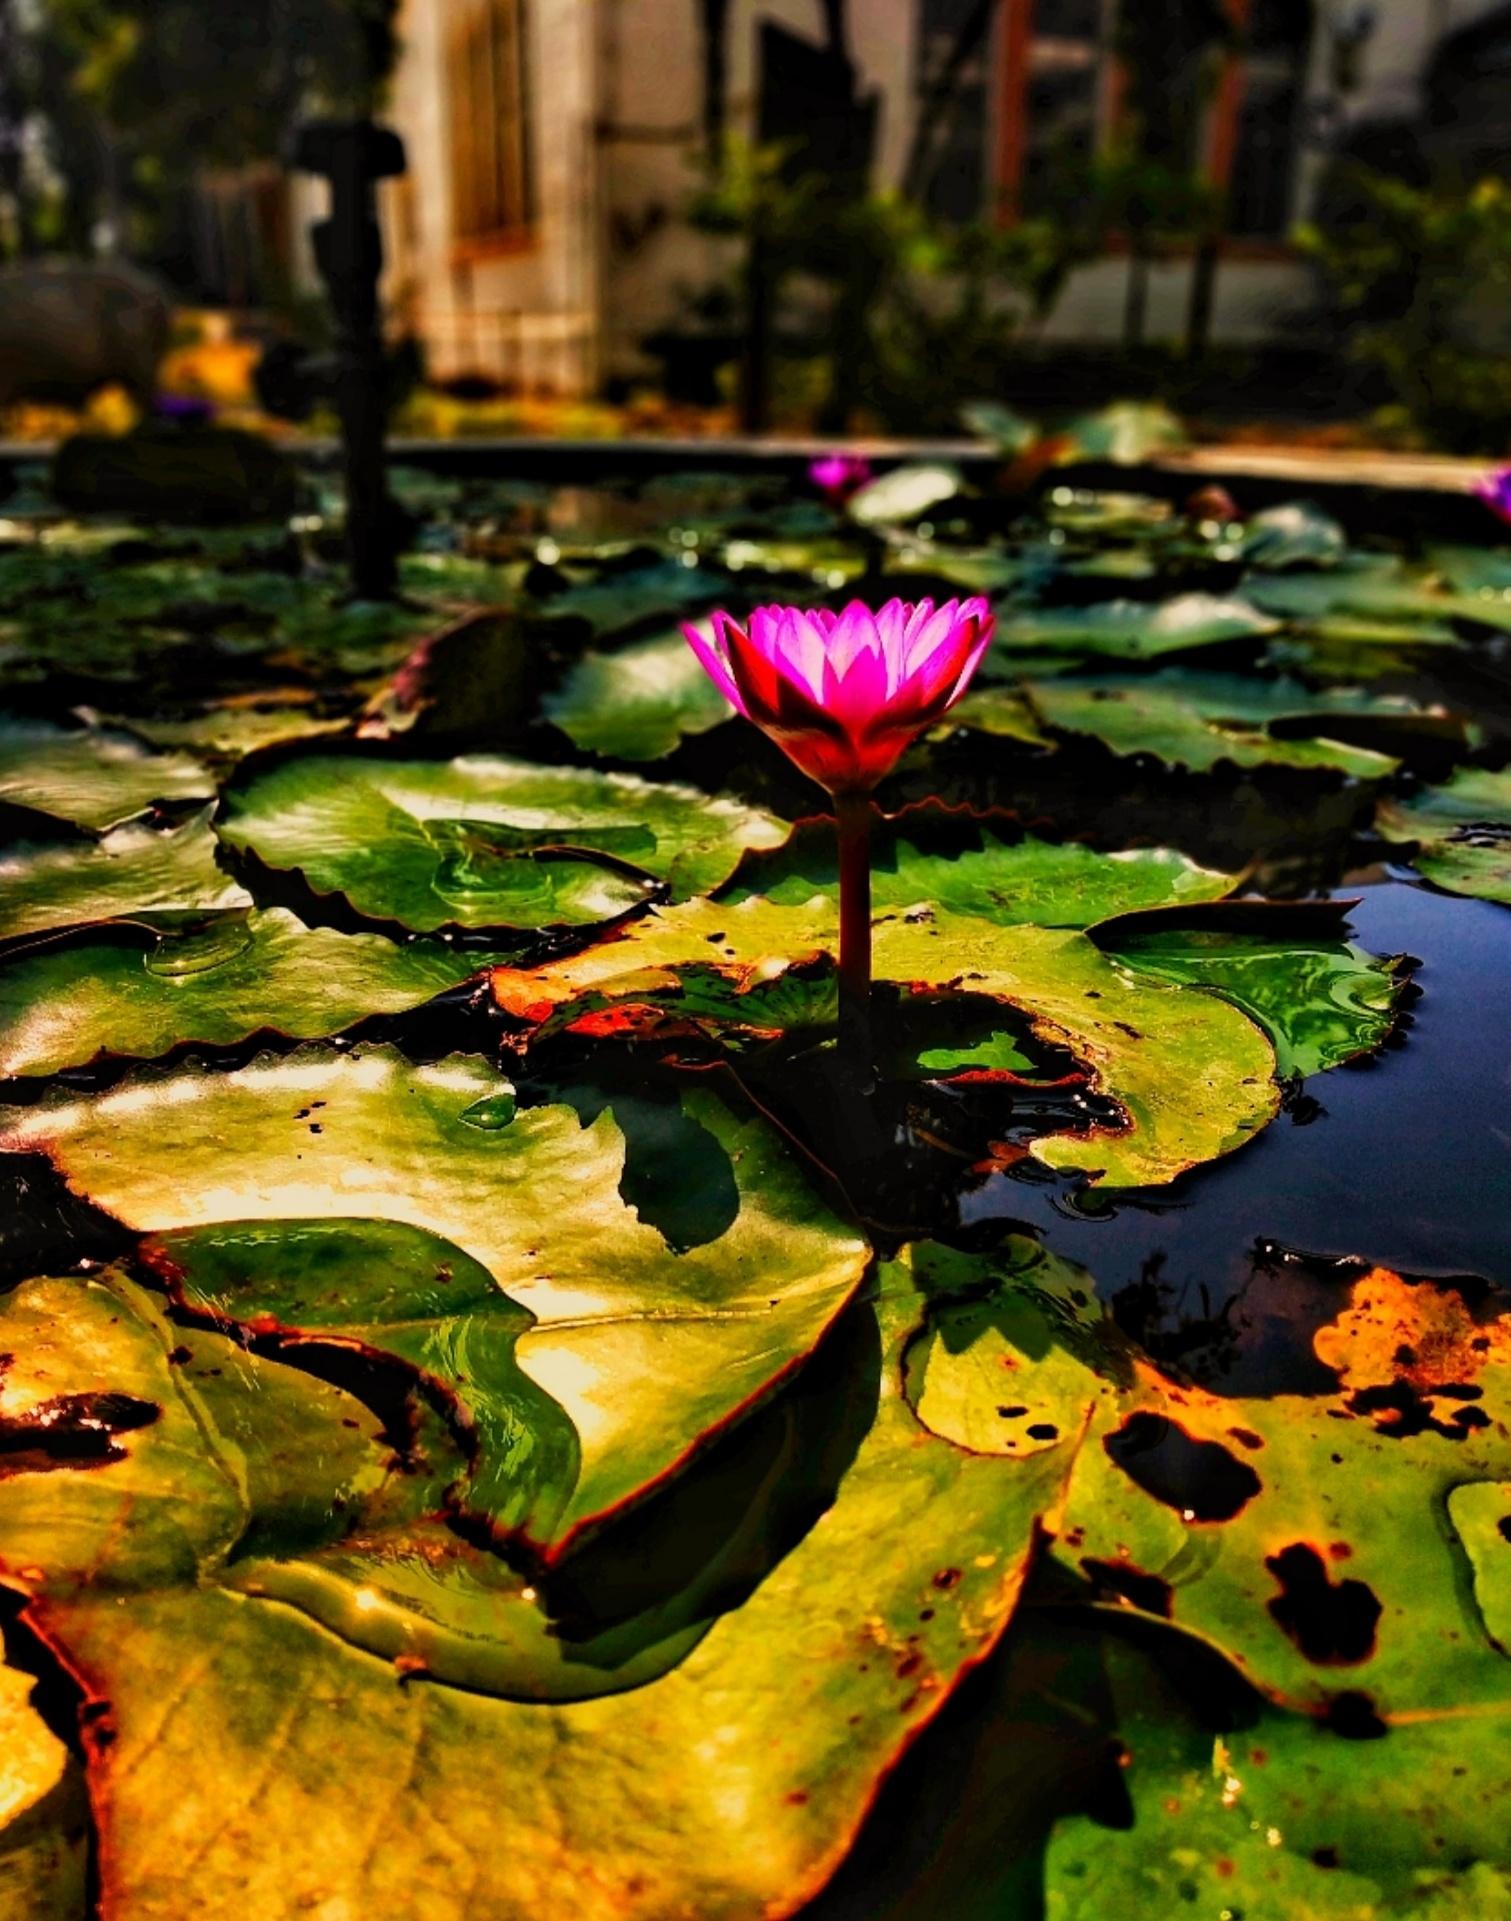 123444 Hintergrundbild herunterladen Blumen, Wasser, Blätter, Lotus, Blume, Seerose - Bildschirmschoner und Bilder kostenlos